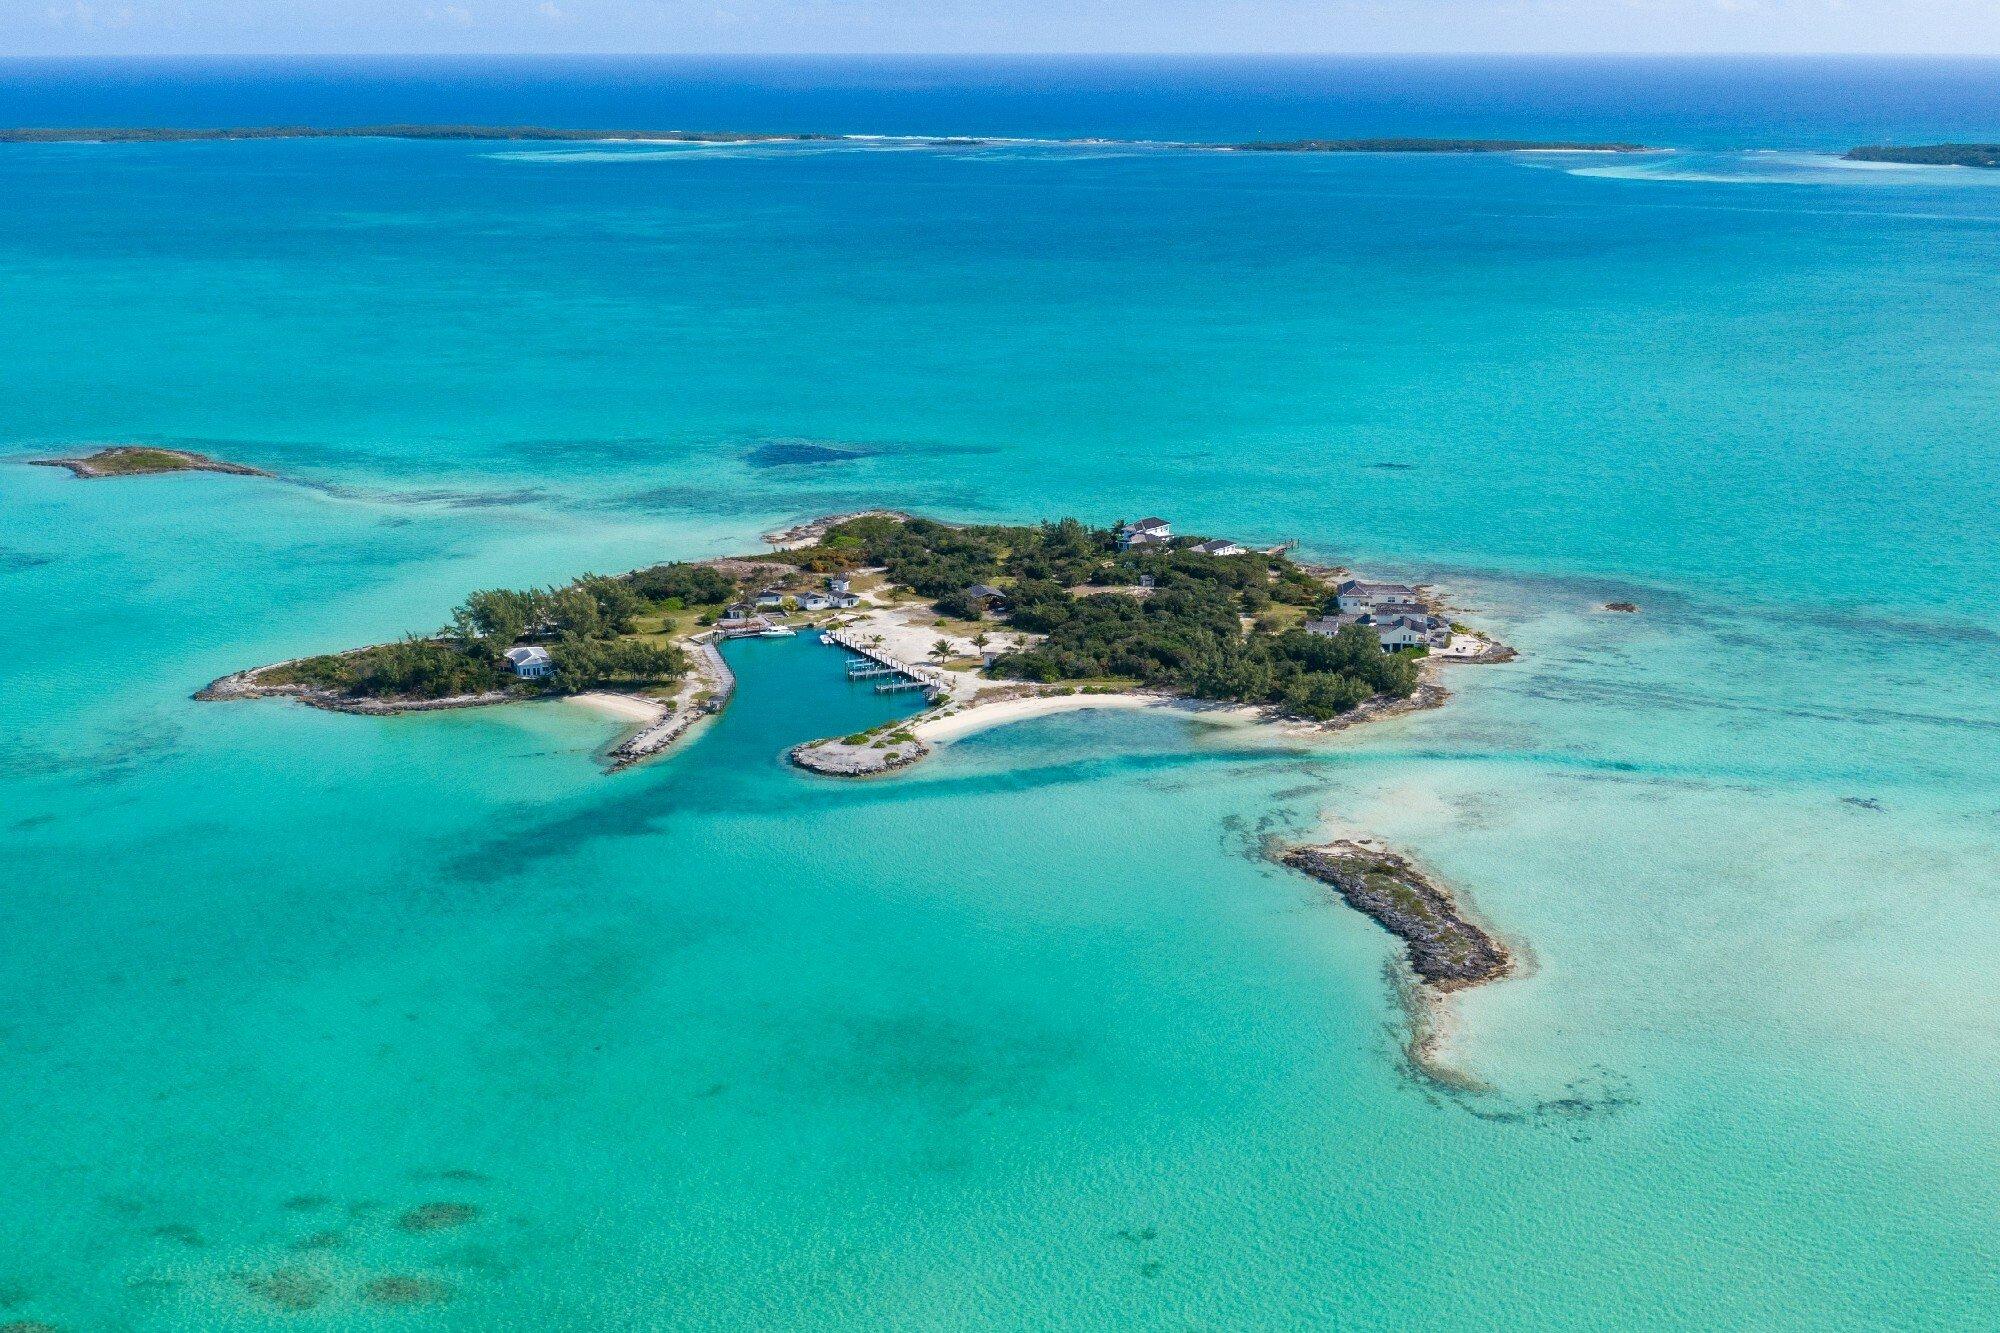 Частный остров в Багамы 1 - 11332953